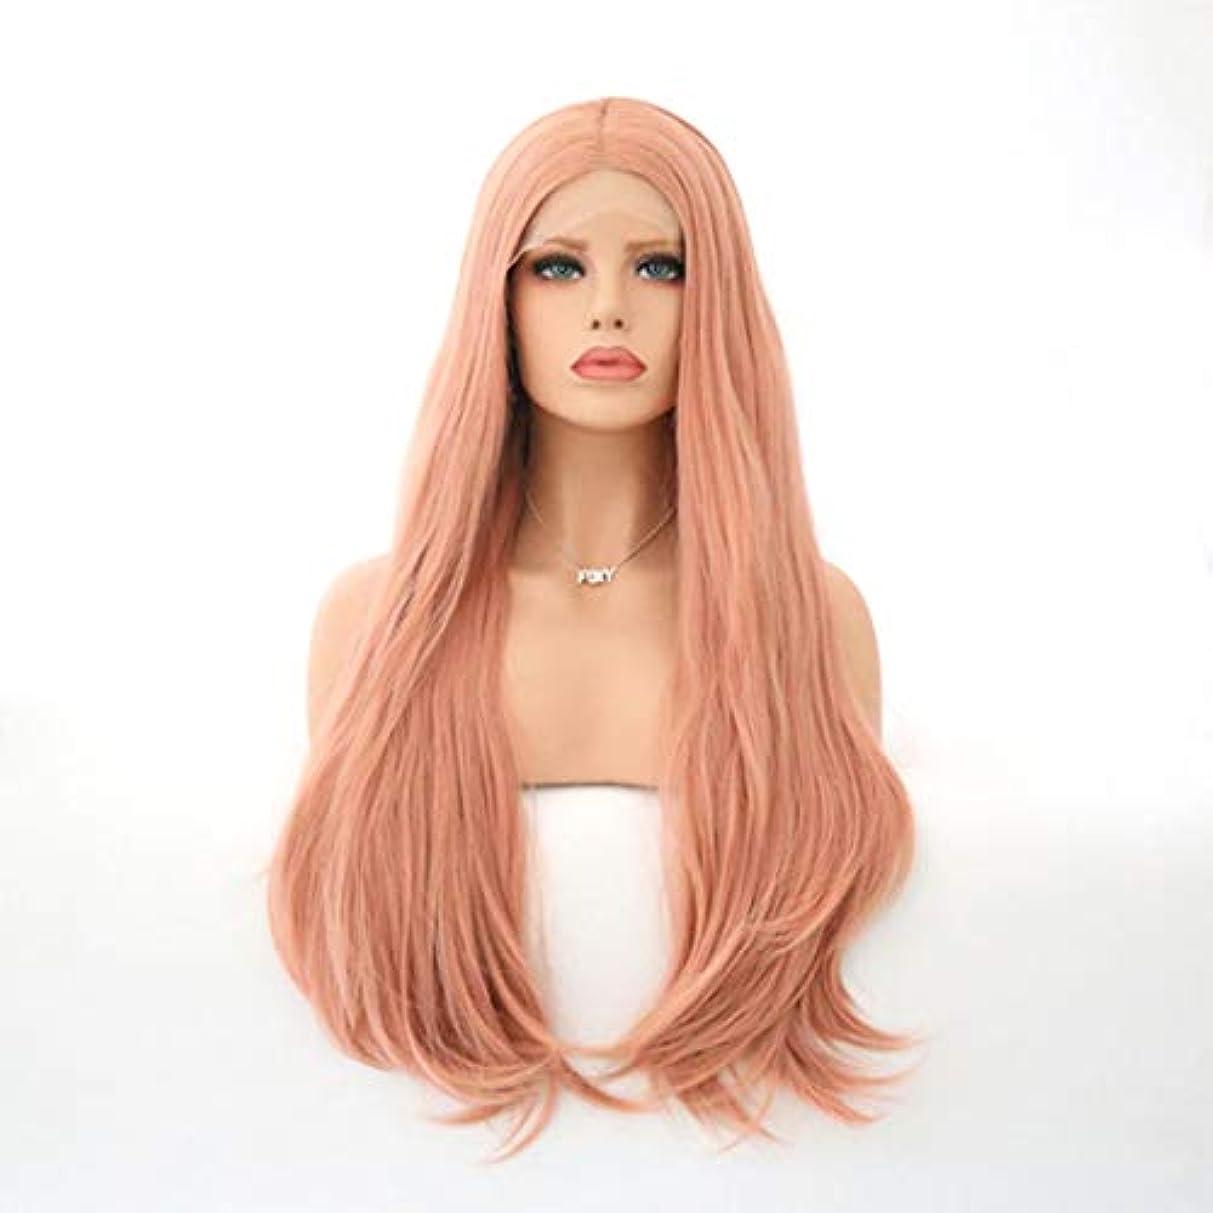 うまくいけばドルシュリンクKerwinner 女性のための自然な長い巻き毛のかつらの代わりとなるかつら合成繊維の毛髪のかつら